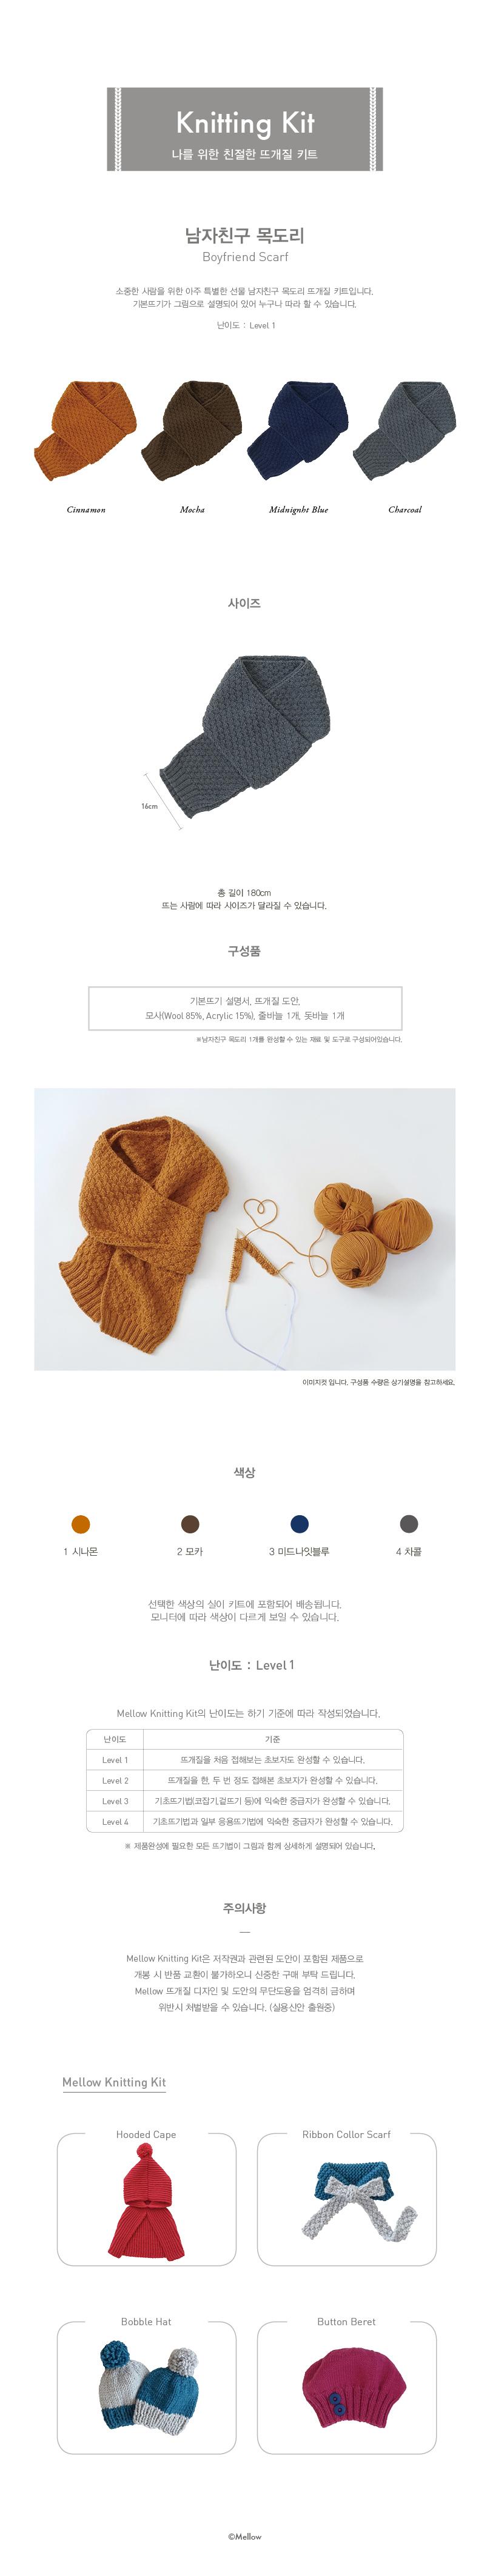 니팅키트 - 남자친구 목도리 - 멜로우, 39,000원, 뜨개질, 목도리 패키지